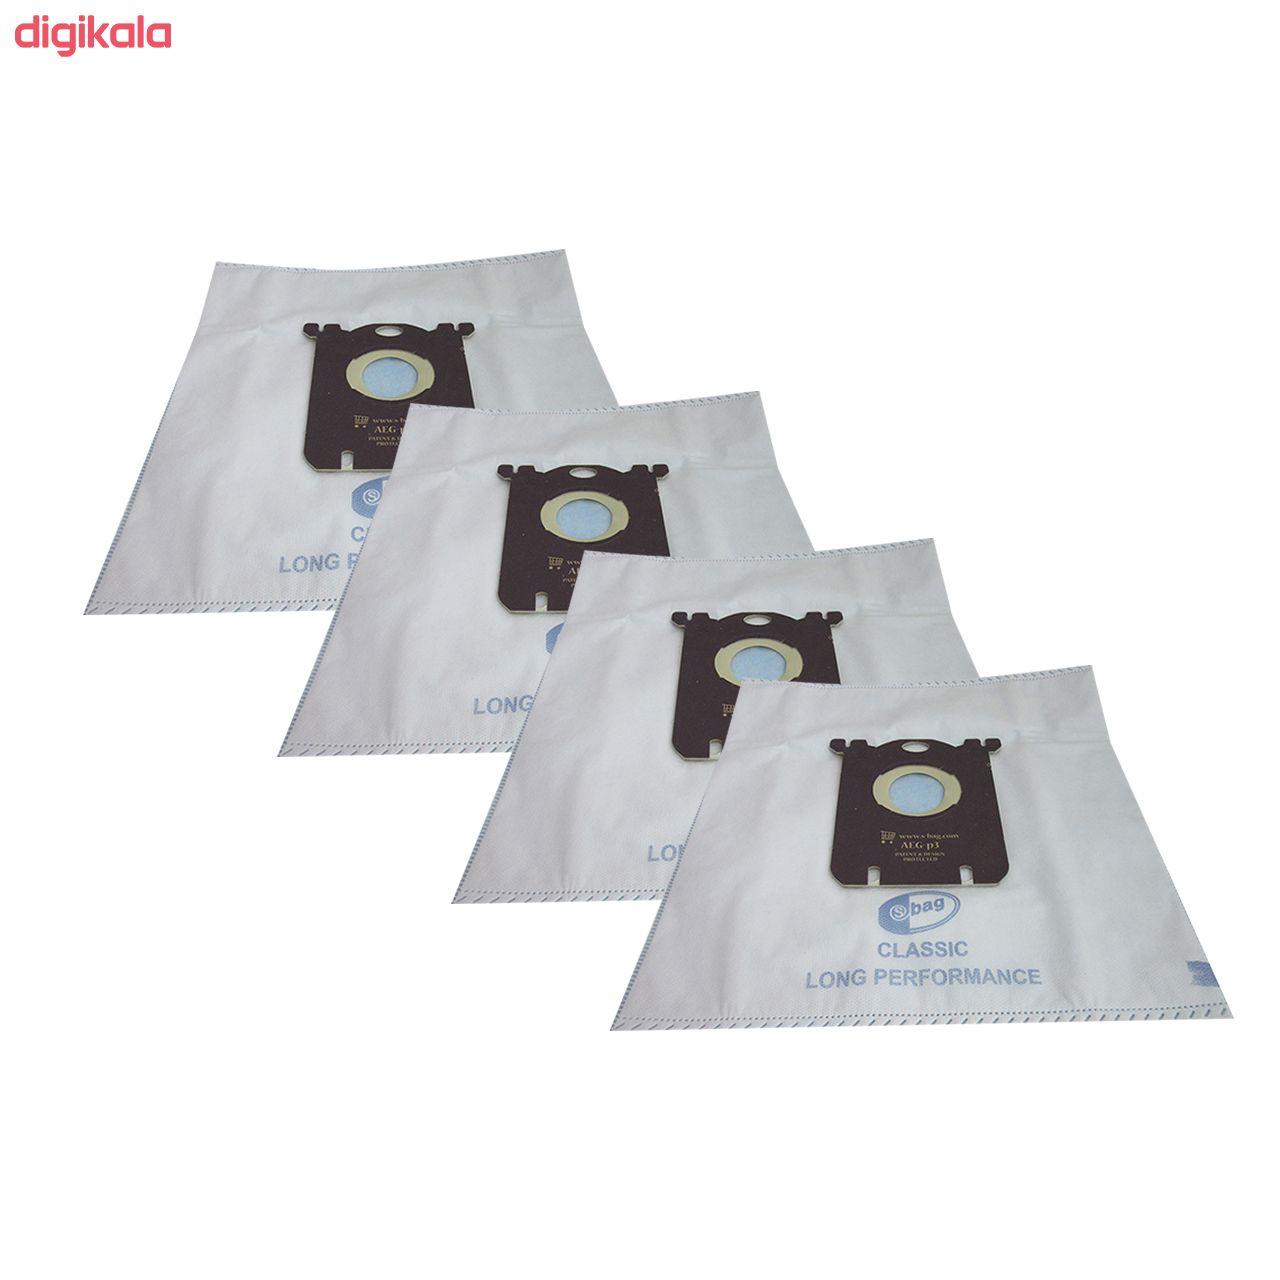 کیسه جارو برقی کد01 بسته 4 عددی مناسب برای جاروبرقی فیلیپس      main 1 3